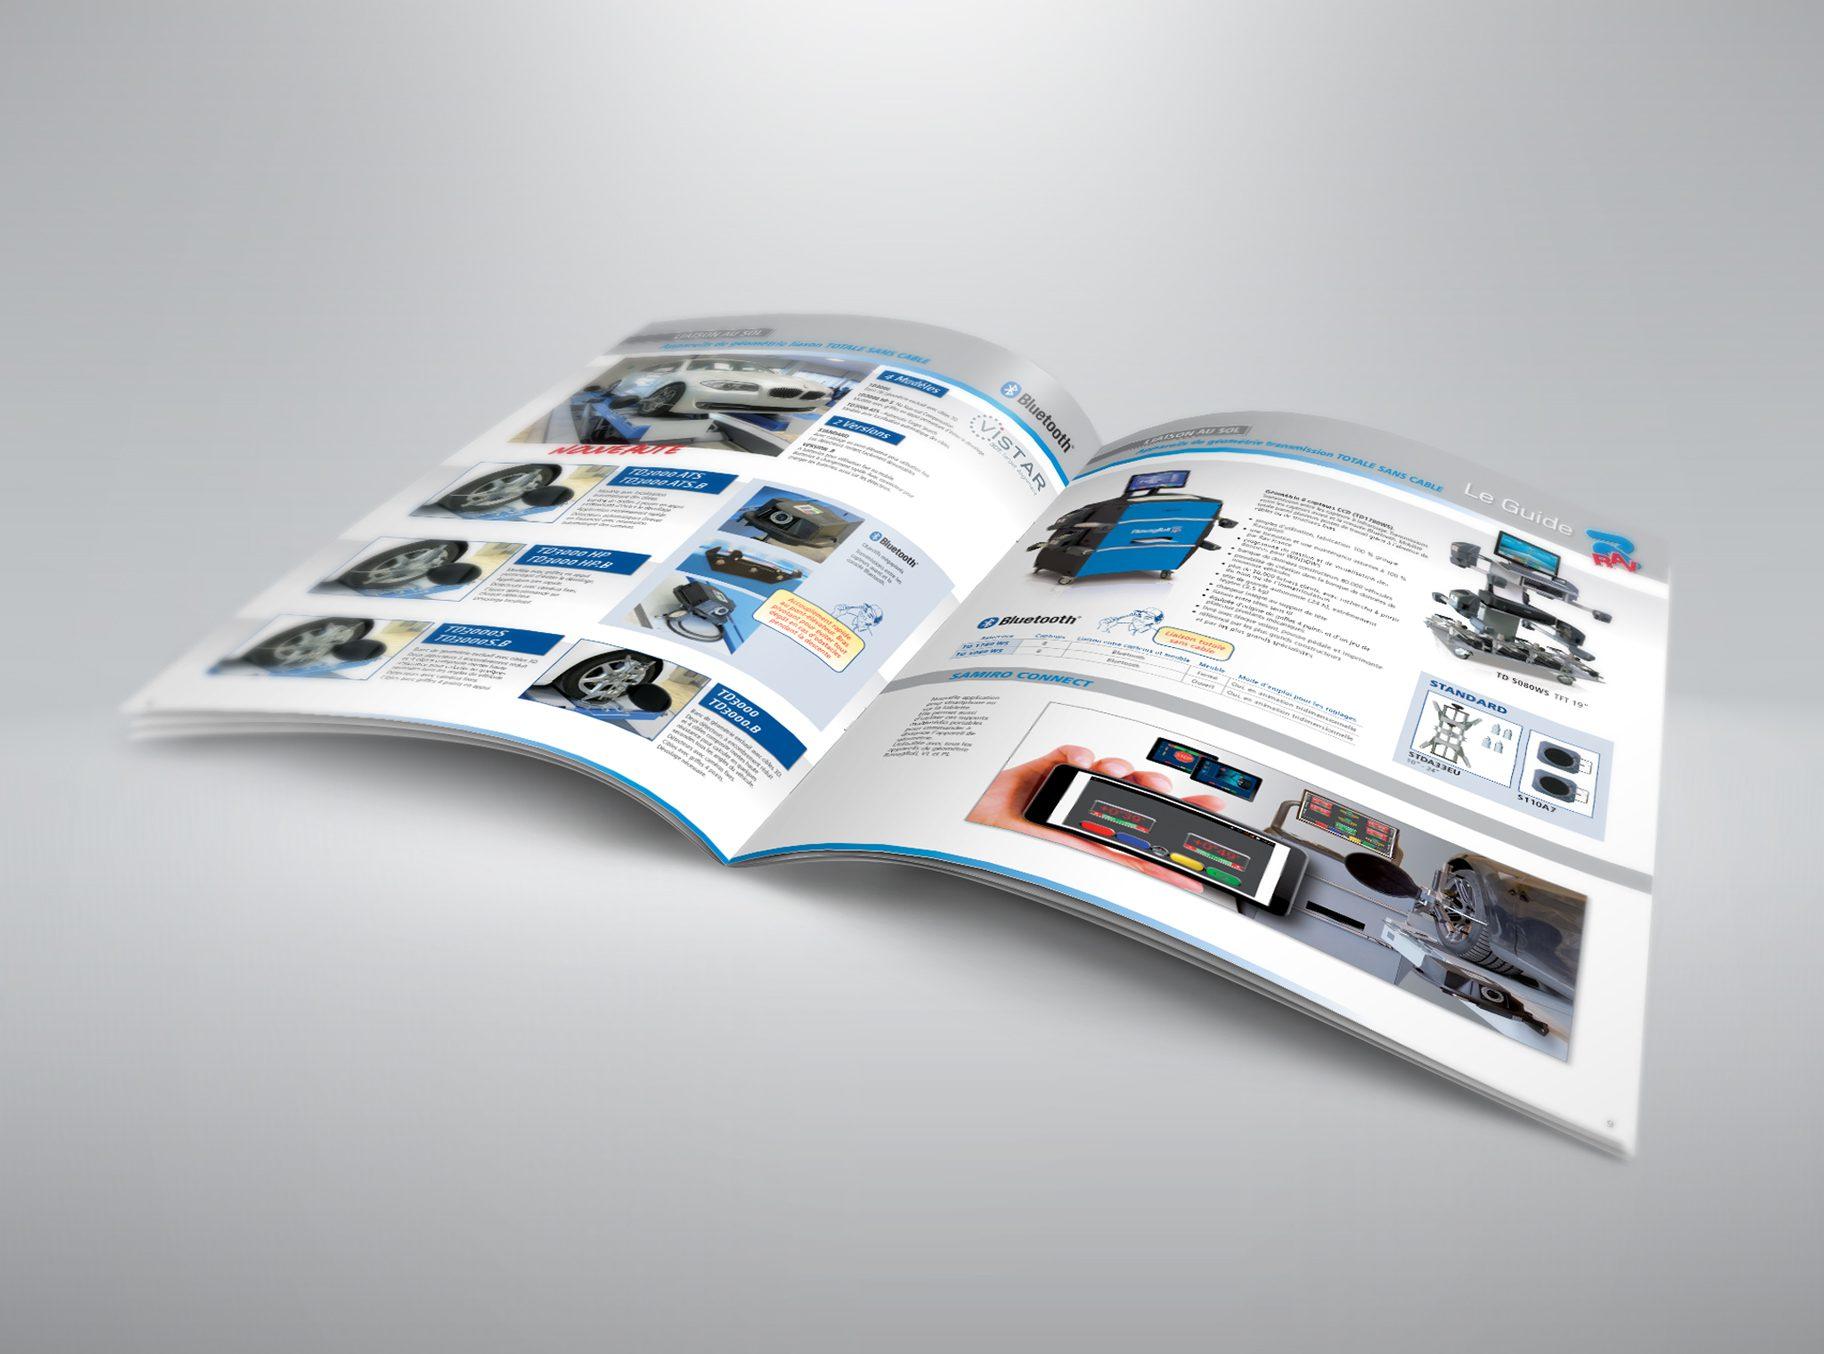 Ravaglioli-le-guide-brochure-catalogo-prodotti-02